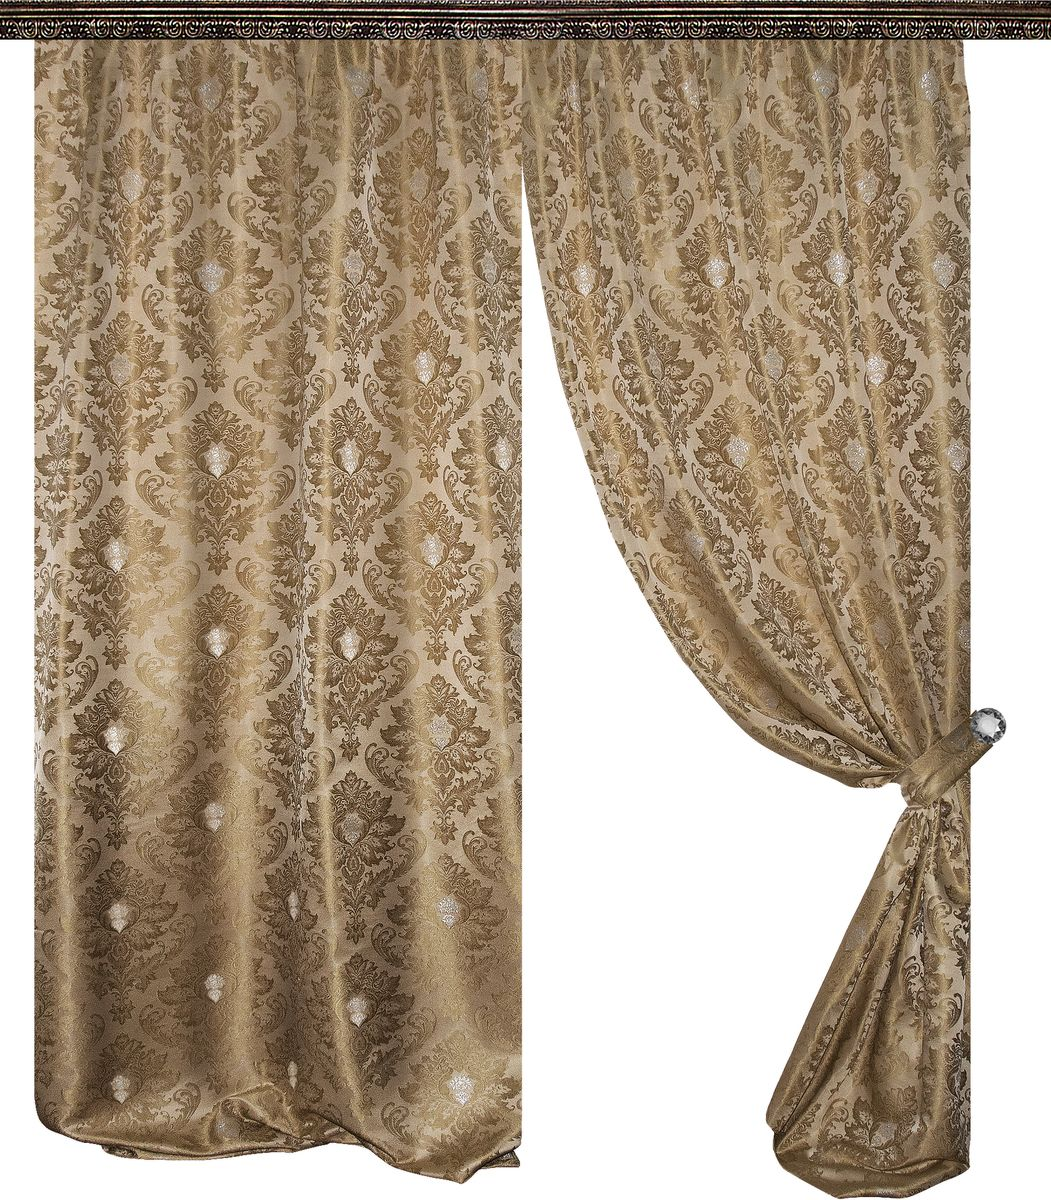 Комплект штор Zlata Korunka, на ленте, цвет: золотой, высота 270 см. 777006777006Роскошный комплект штор Zlata Korunka комплект состоит из двух штор и двух подхватов, выполненных из 100% полиэстера, которые великолепно украсит любое окно.Плотная ткань, оригинальный орнамент и приятная, приглушенная гамма привлекут к себе внимание и органично впишутся в интерьер помещения. Комплект крепится на карниз при помощи шторной ленты, которая поможет красиво и равномерно задрапировать верх.Этот комплект будет долгое время радовать вас и вашу семью! В комплект входит: Штора: 2 шт. Размер (ШхВ): 145 см х 270 см. Подхват: 2 шт.